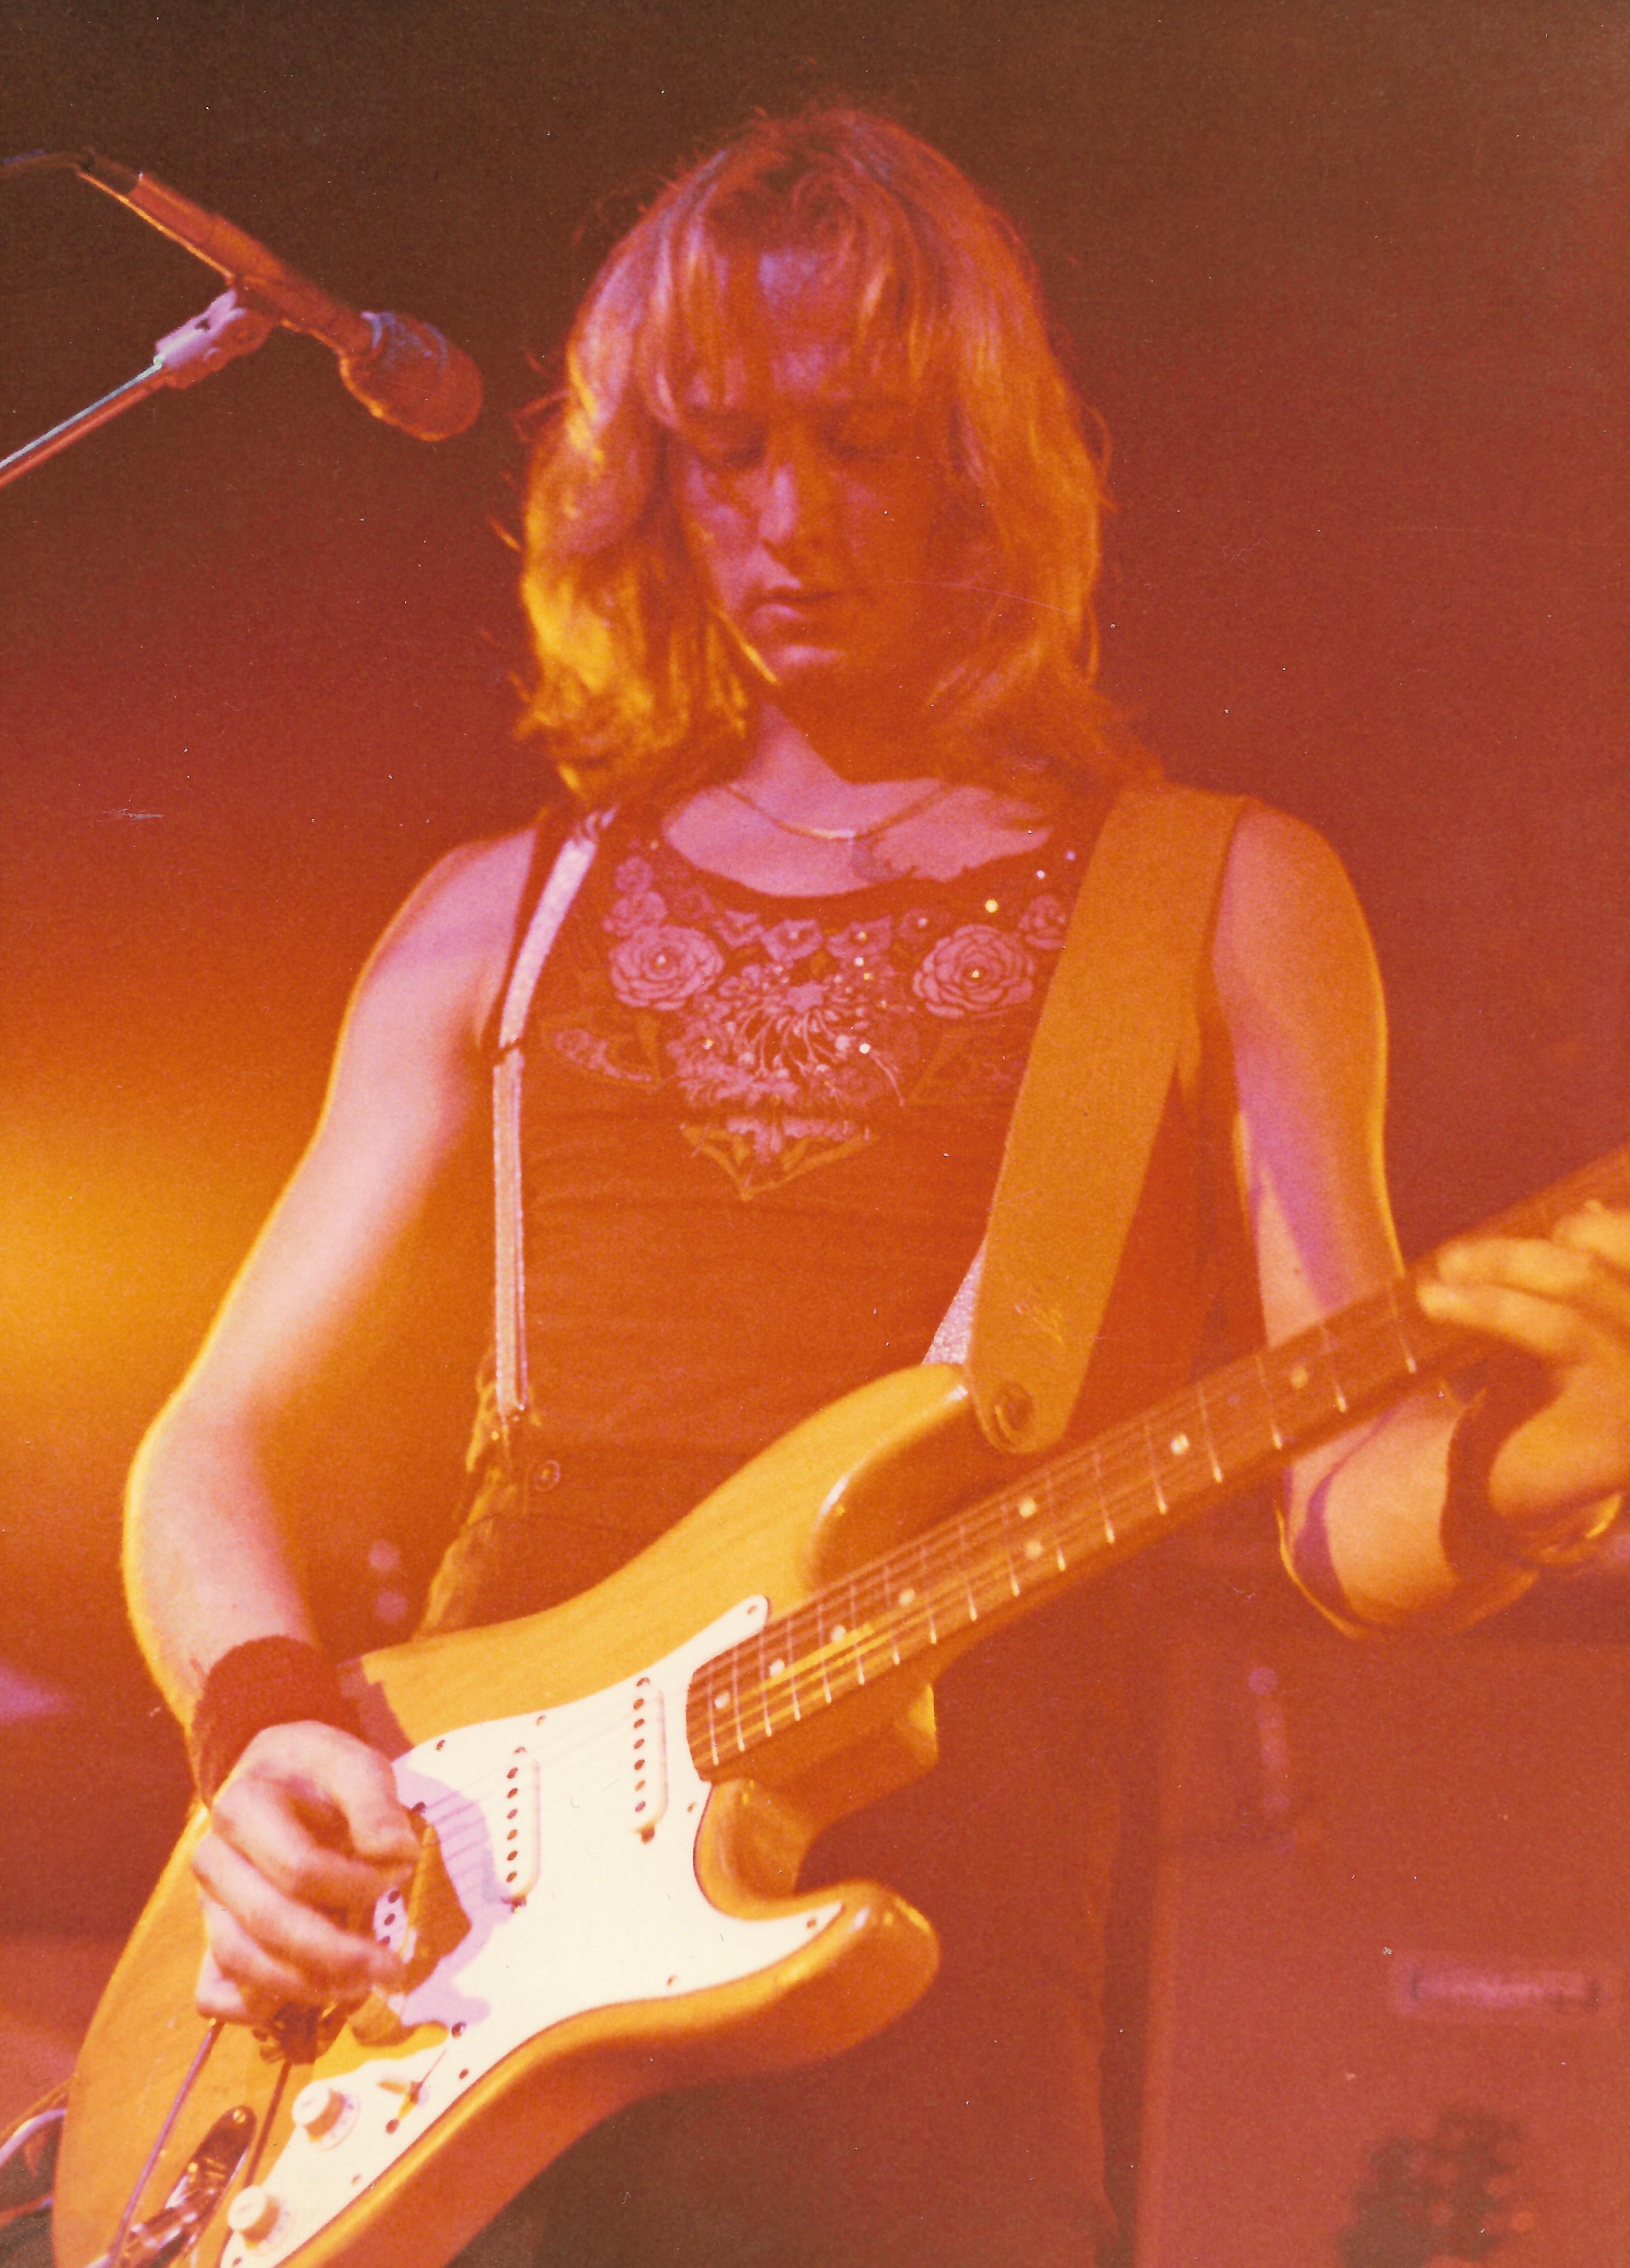 DS w Strat 1978 copy